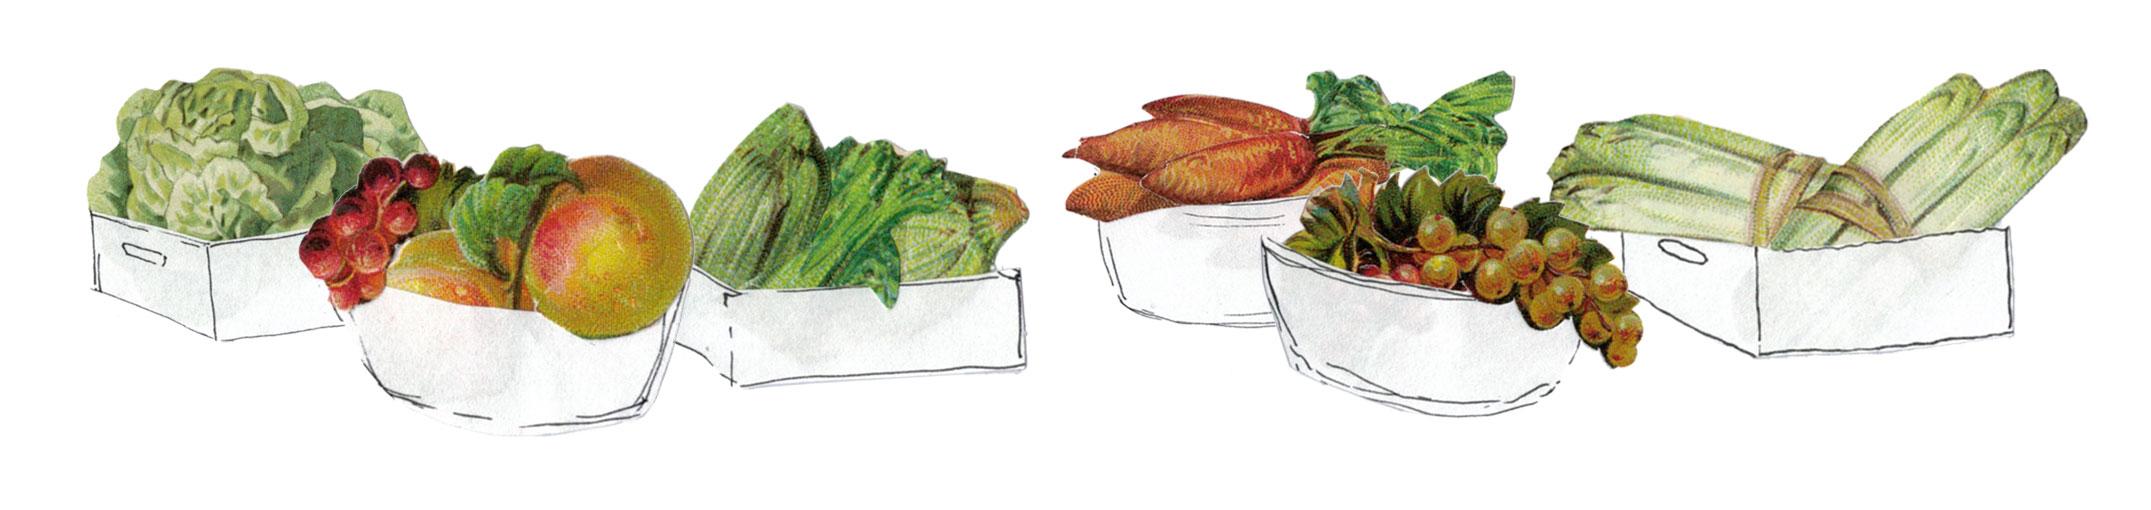 Bio Gemüse & Früchte